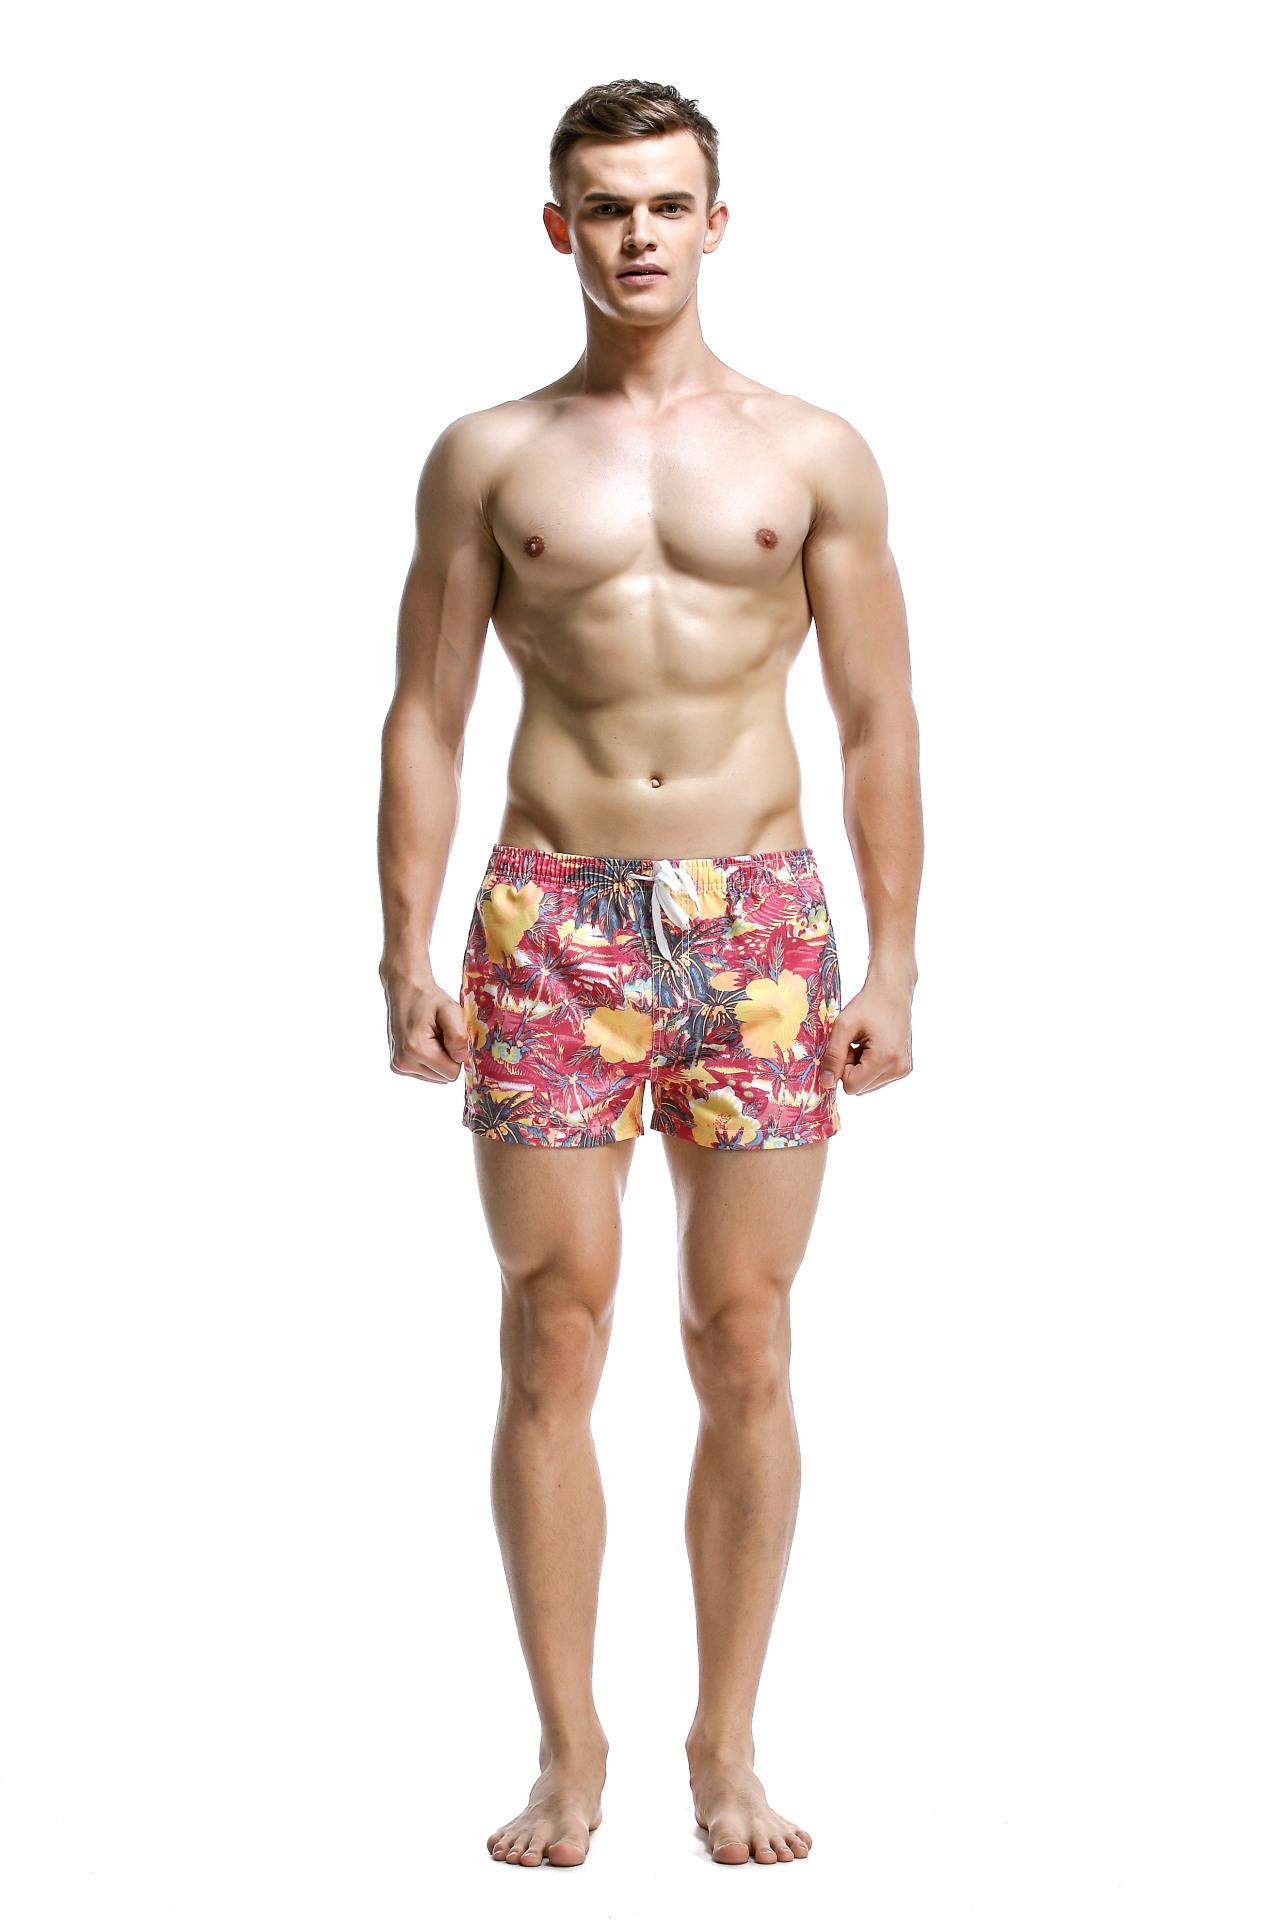 SEOBEAN希宾短裤沙滩裤男士时尚潮男四角性感v短裤裤